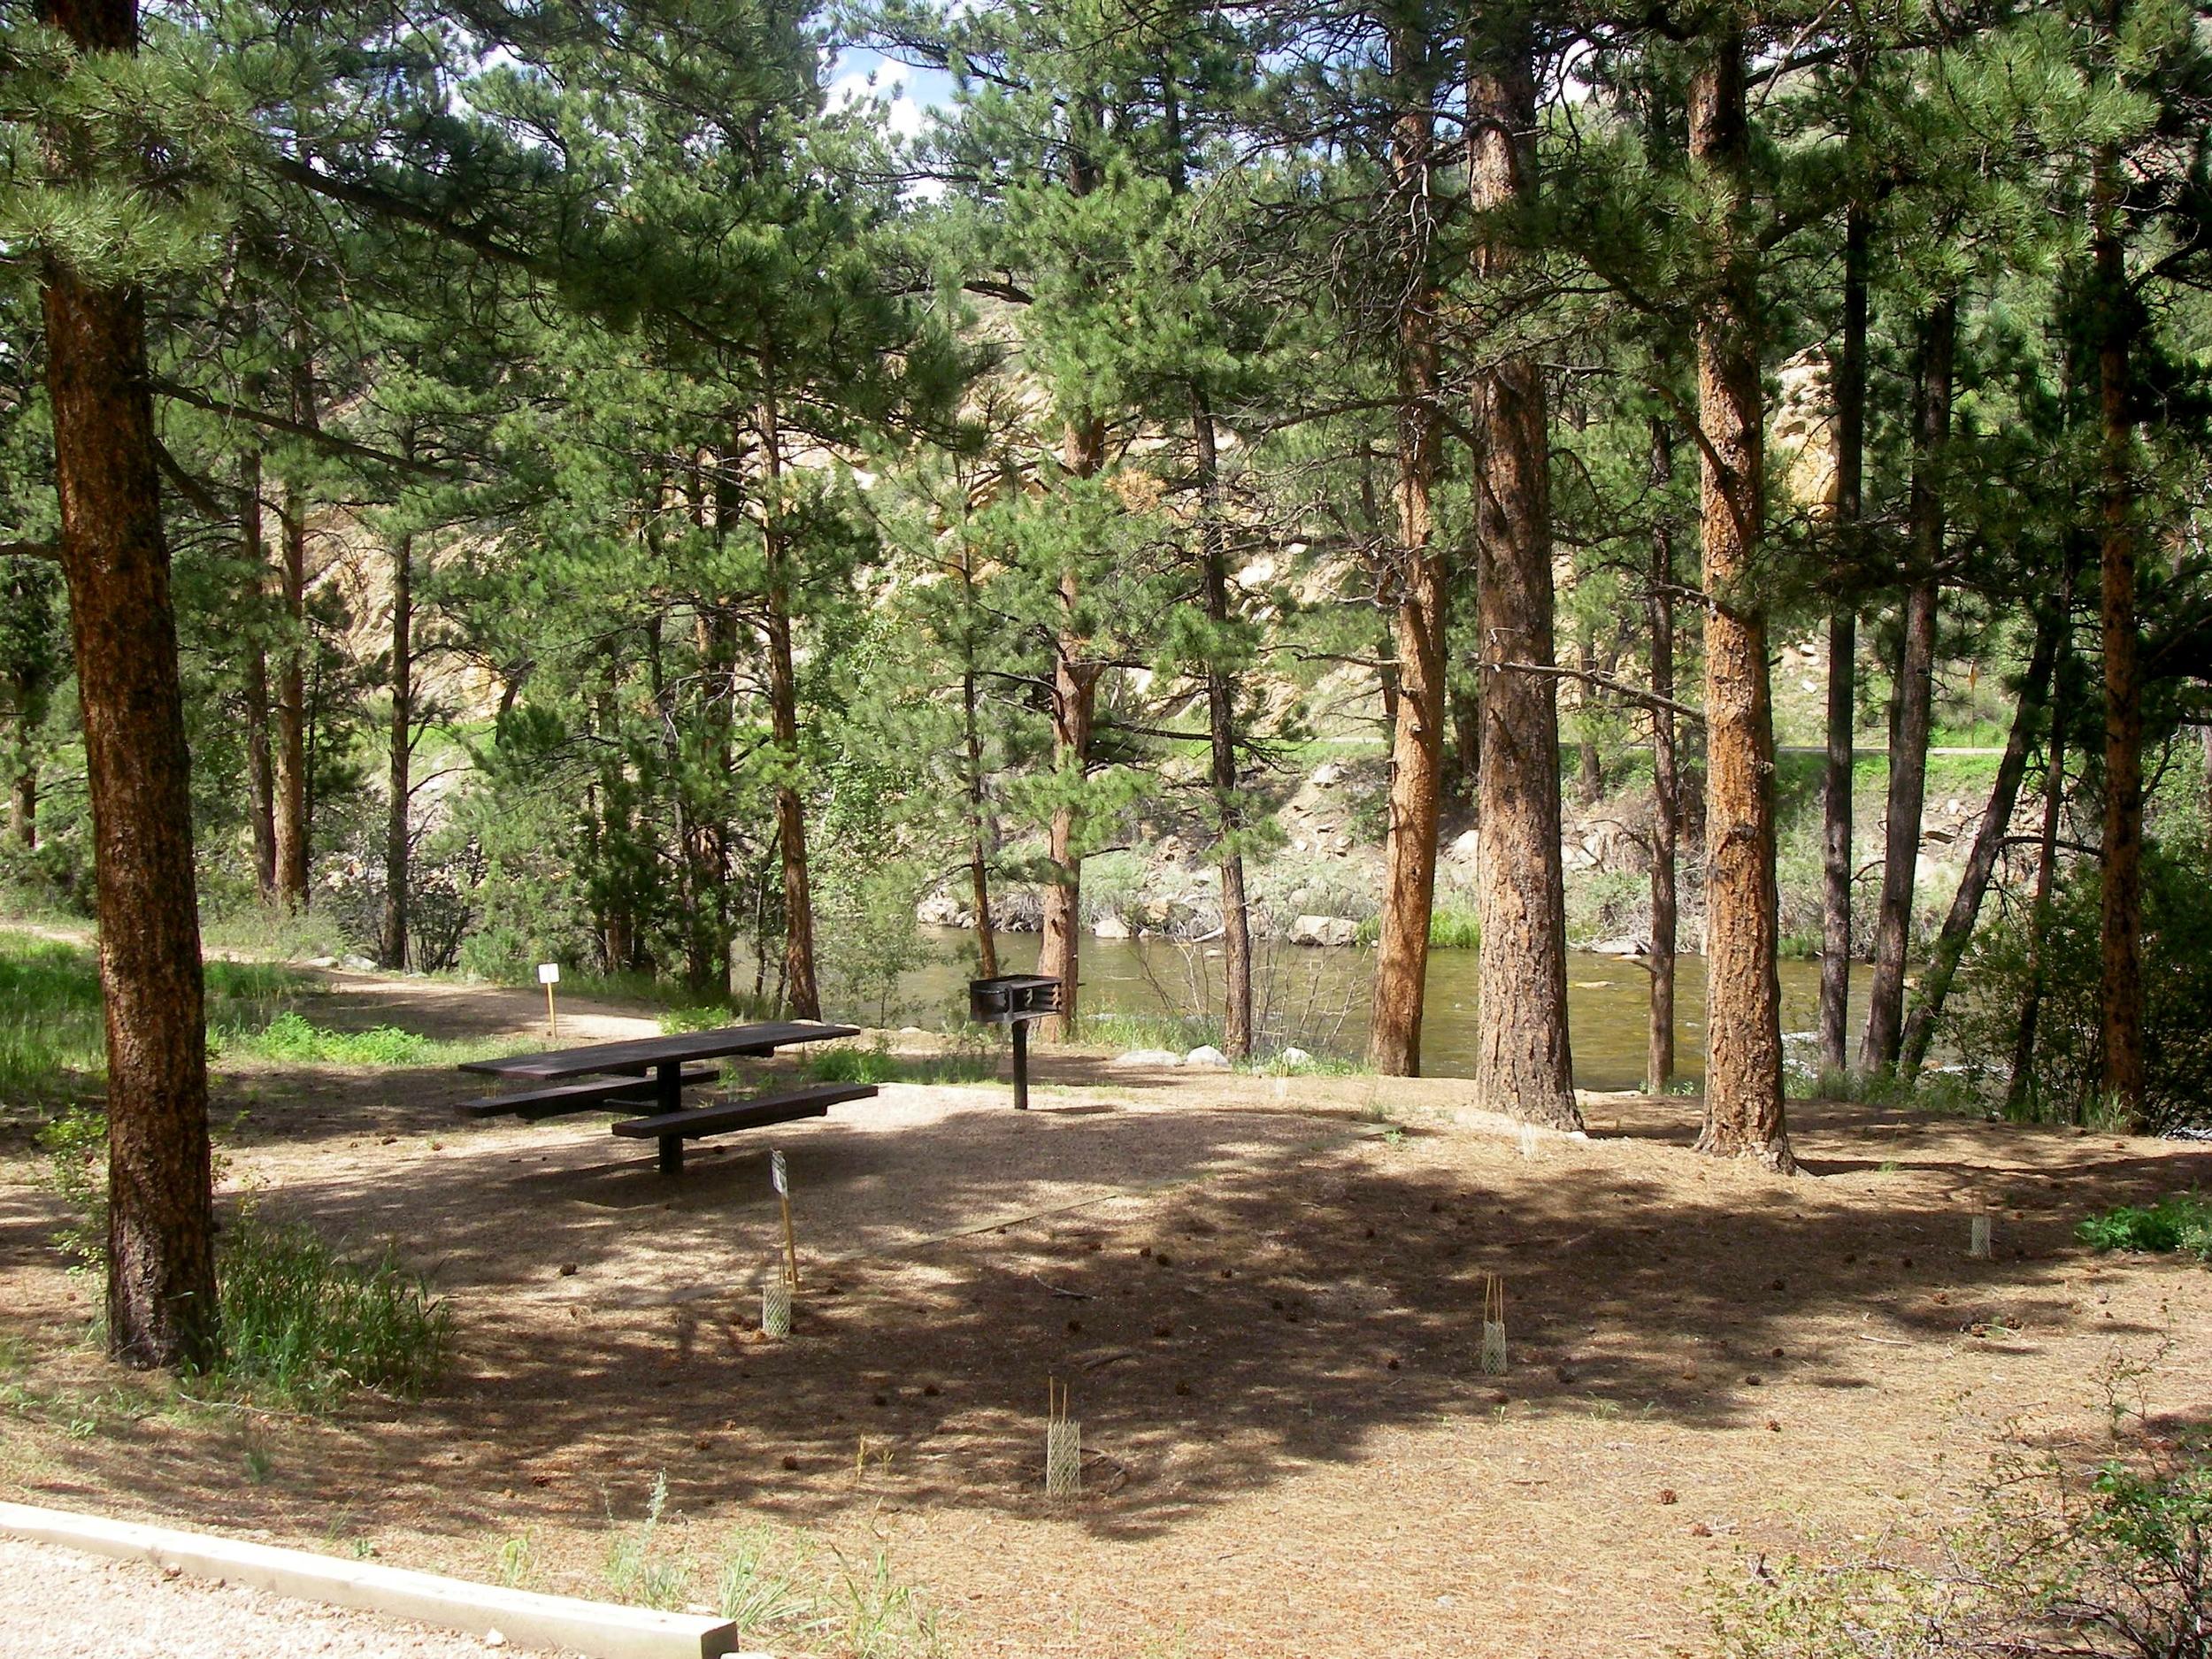 Campsites on the Cache La Poudre River